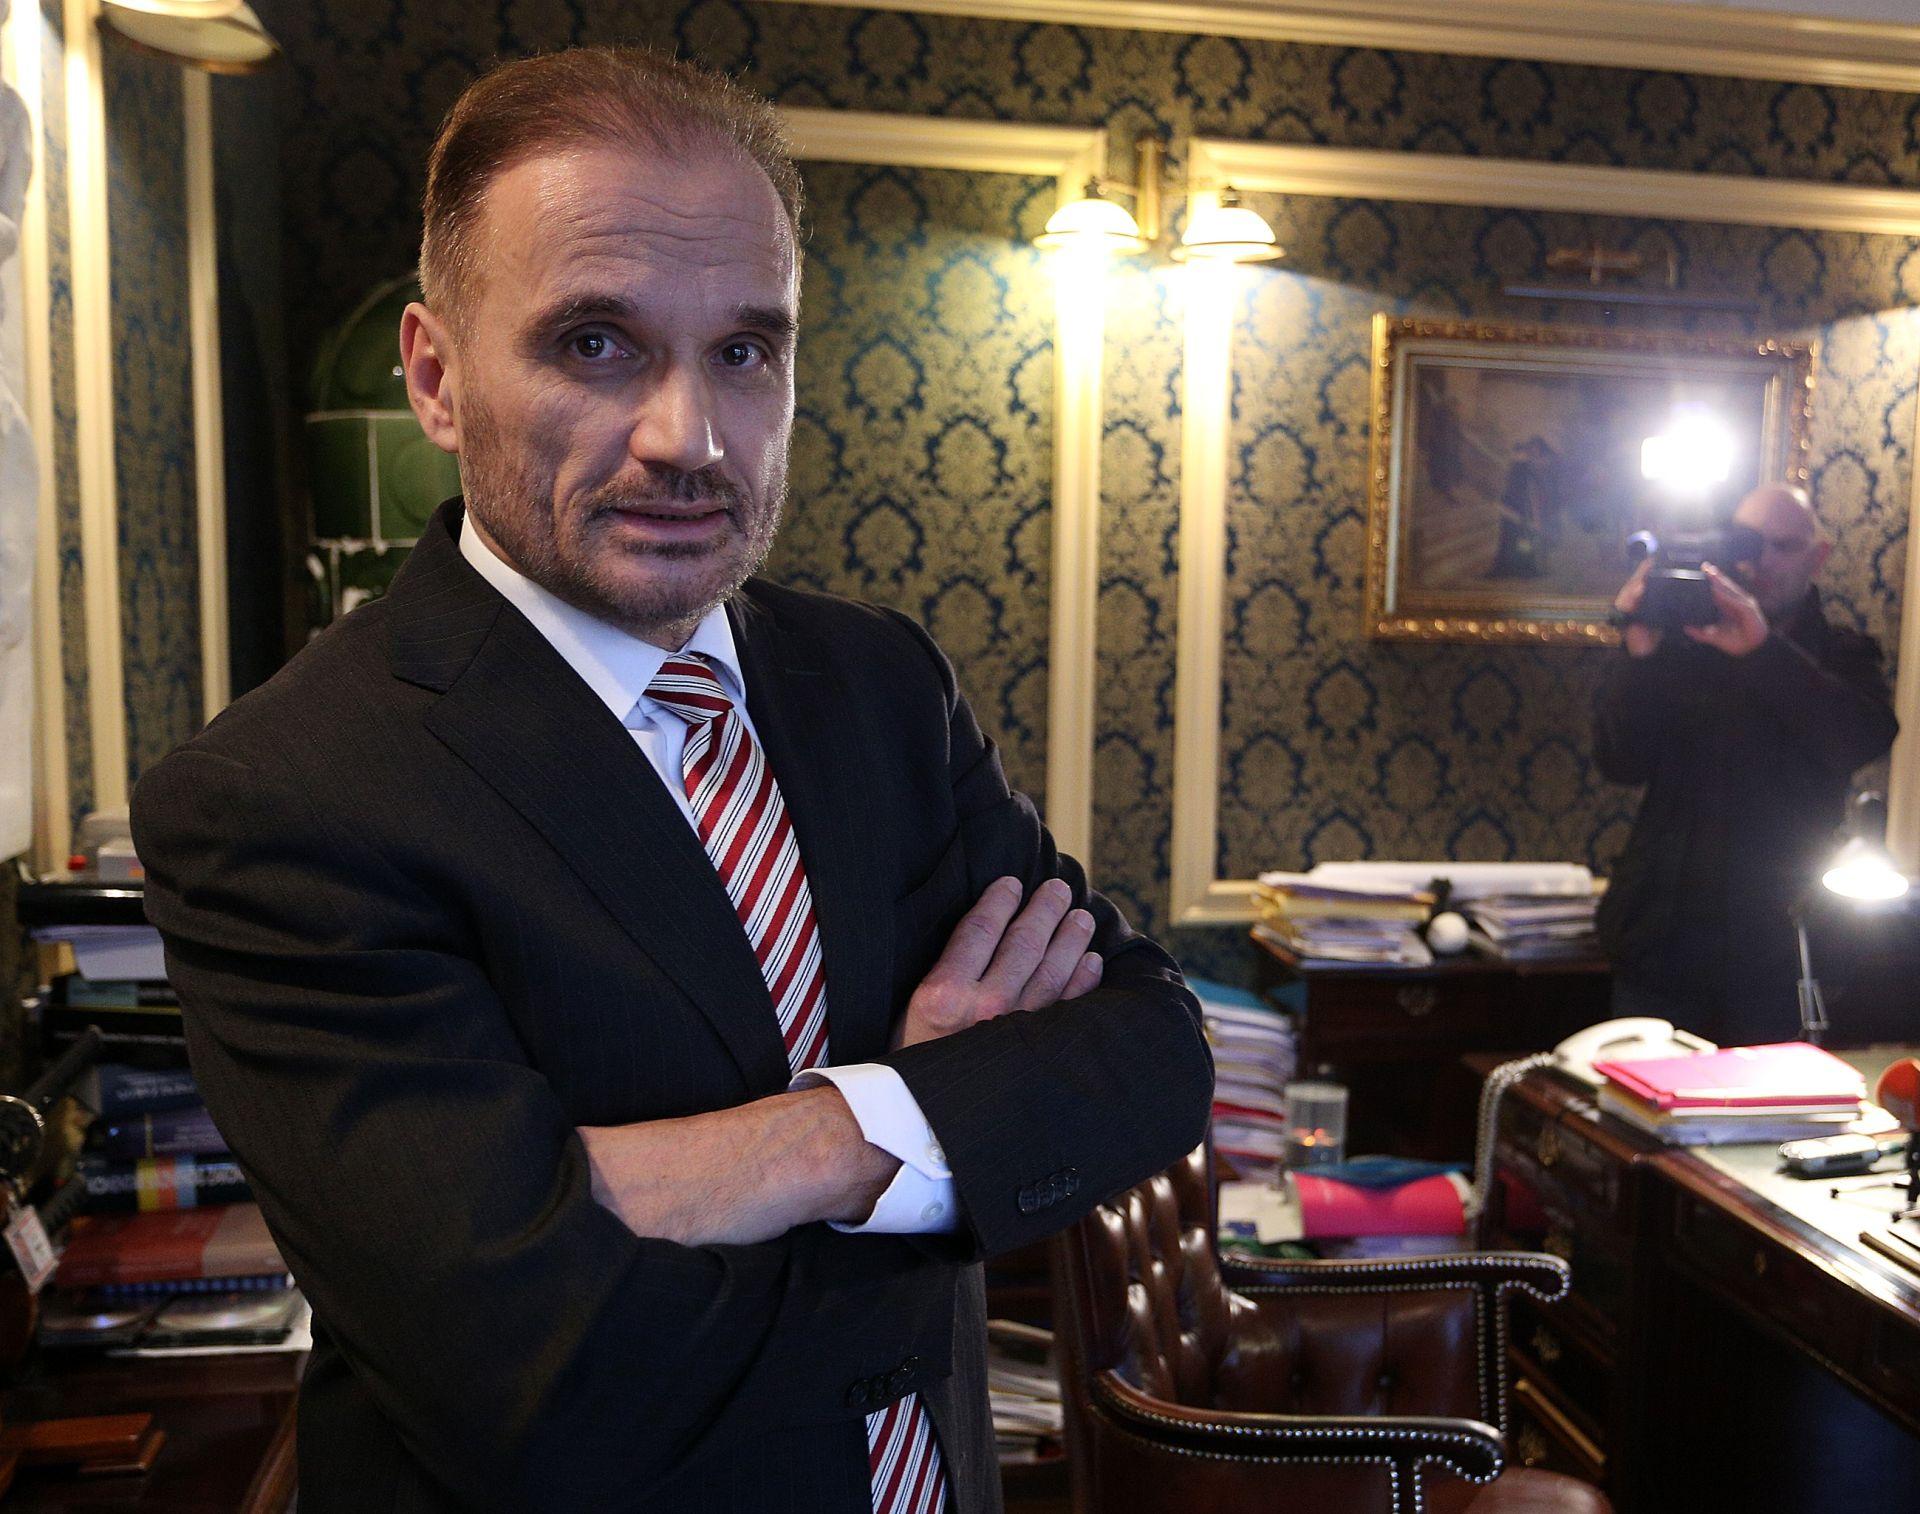 UHIĆENJA U ORAŠJU Nobilo: 'Političari rade predstavu radi sebe i prikupljaju poene, uhićenima to neće pomoći'